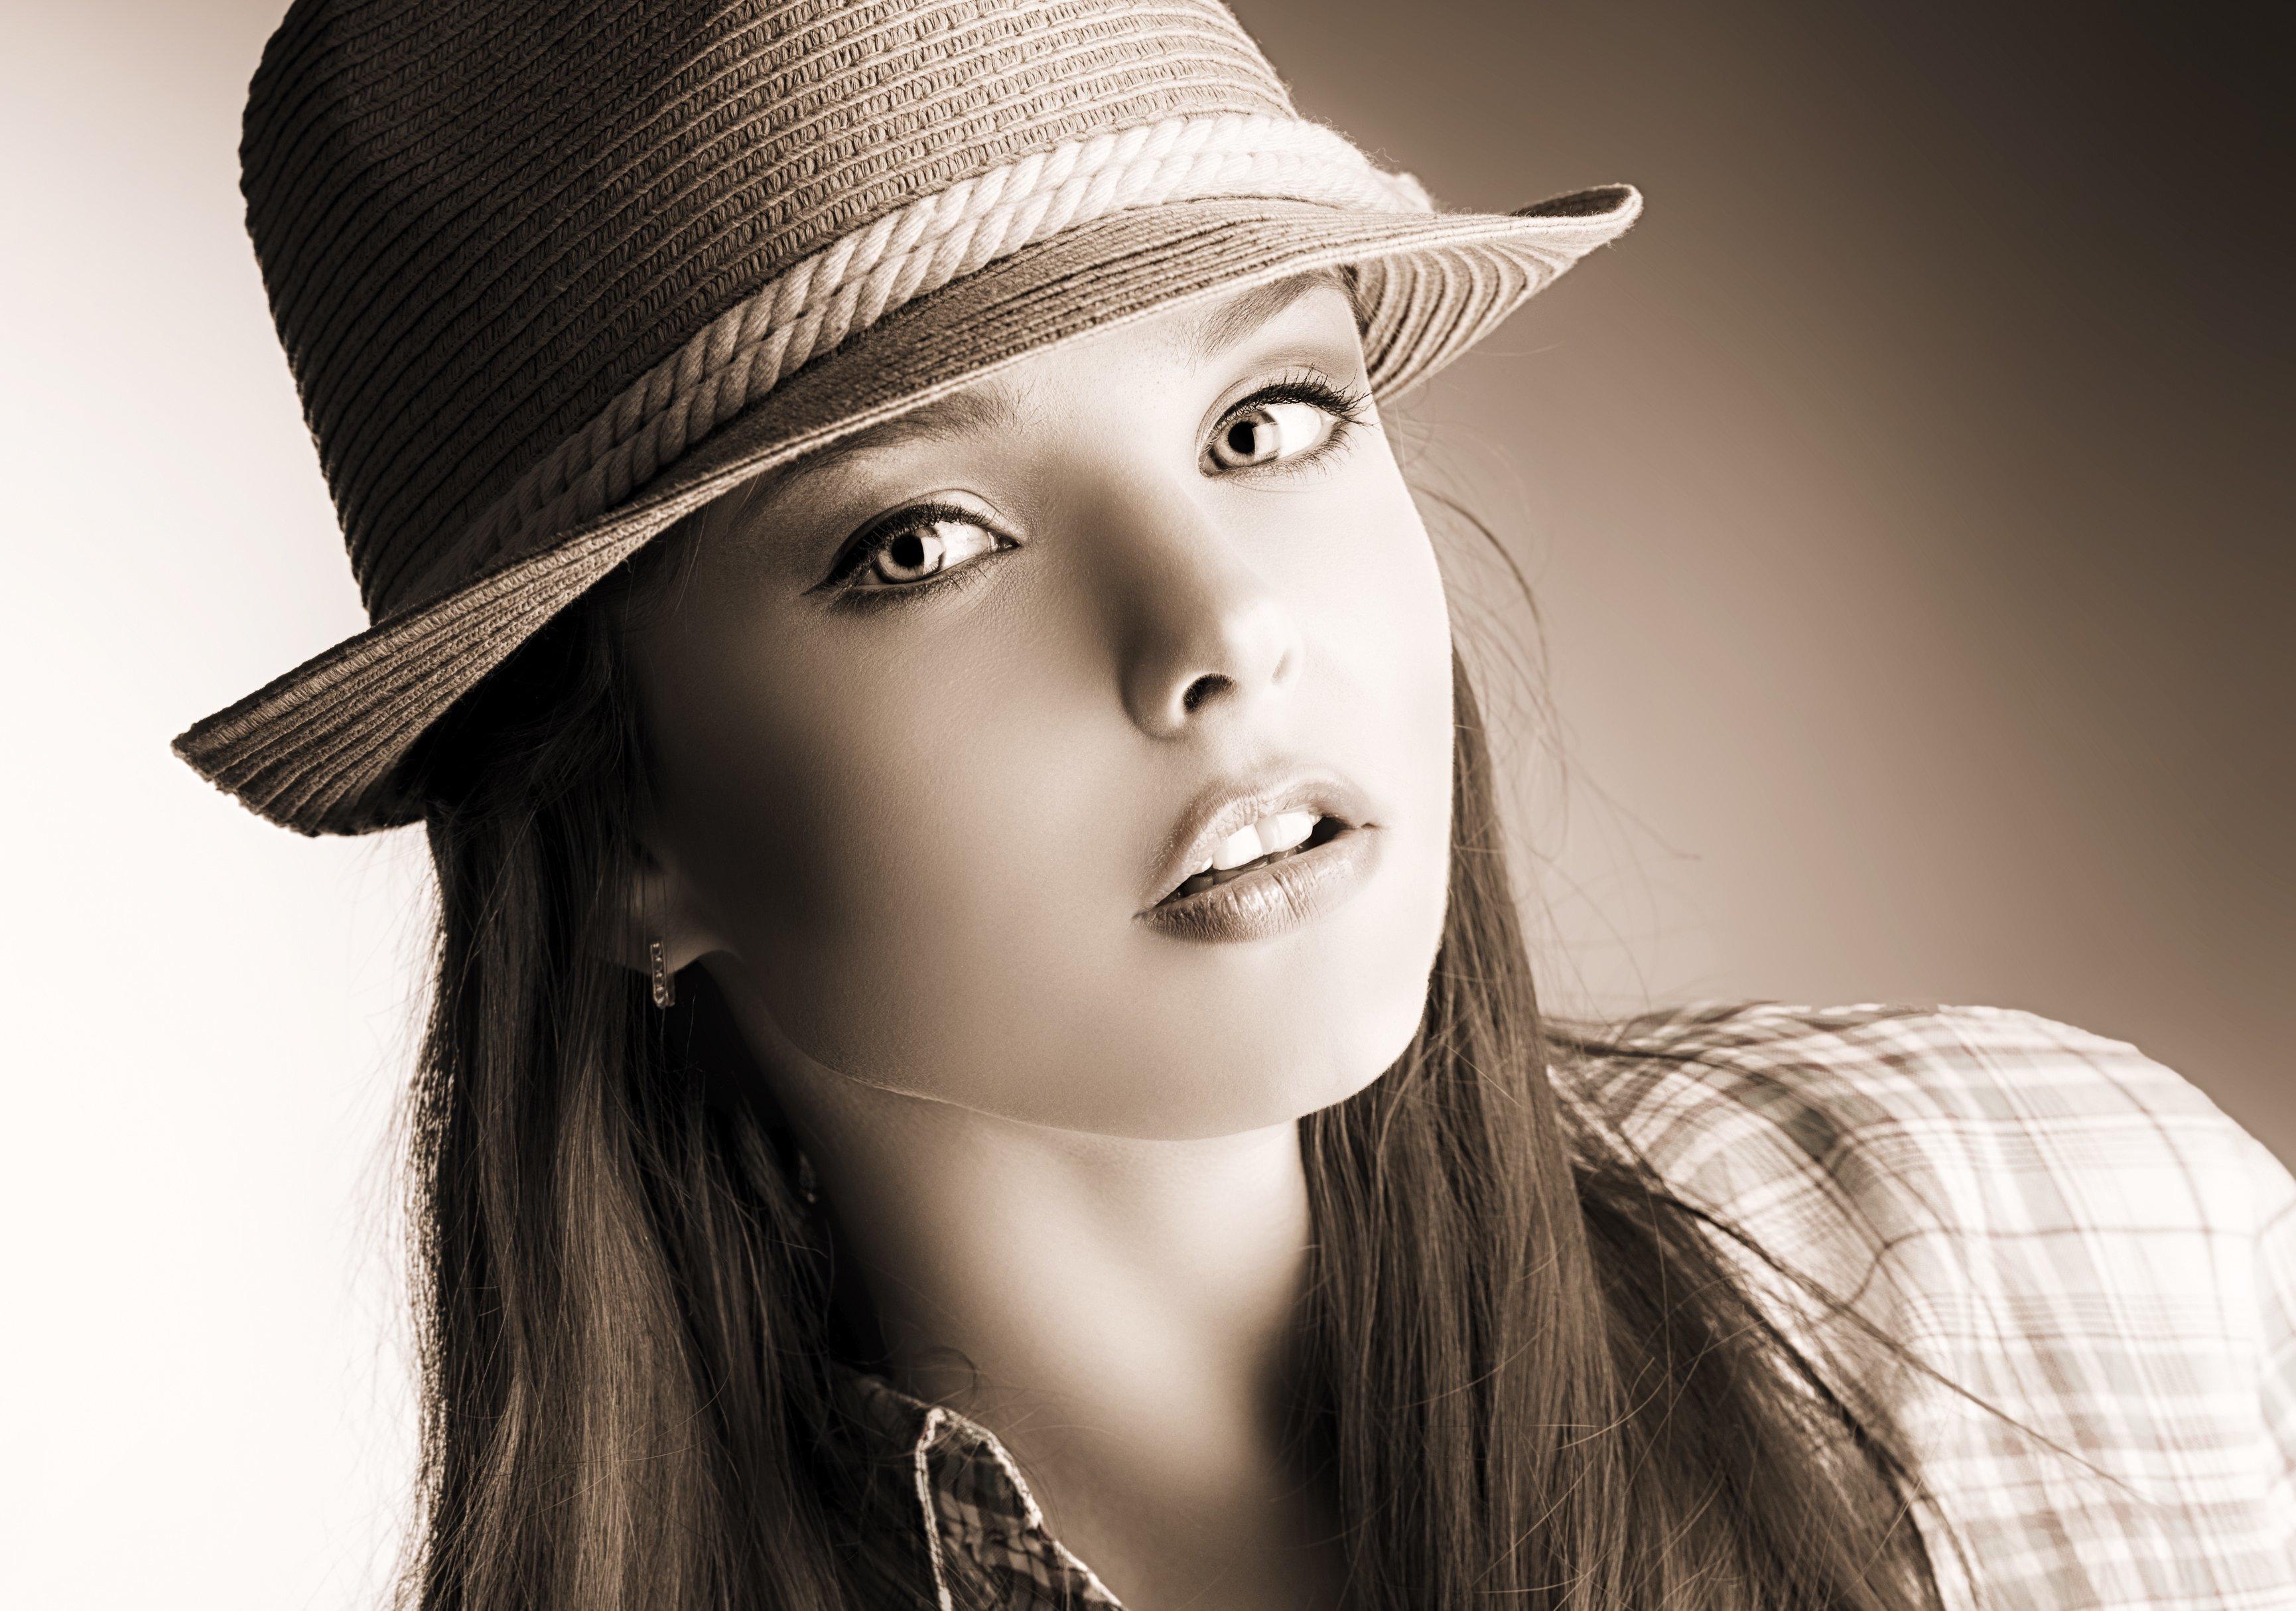 Картинки красивых женщин в шляпках